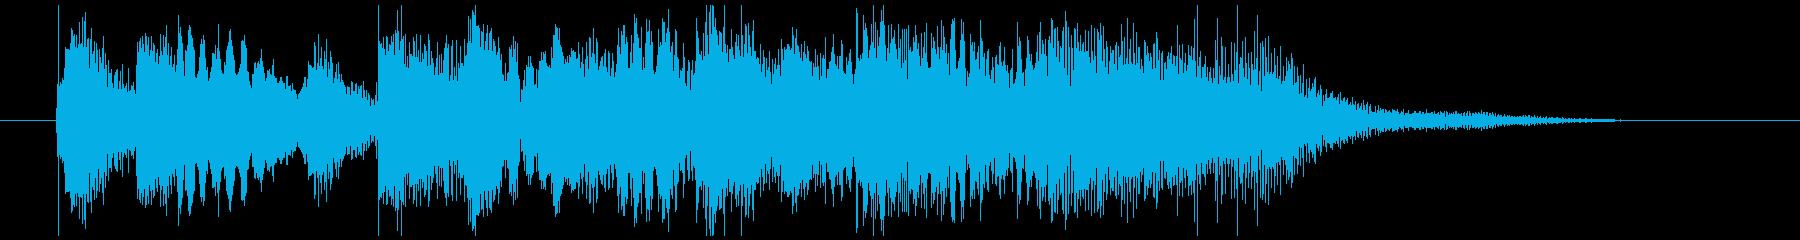 短調バロック風ジングル(オーケストラ)の再生済みの波形